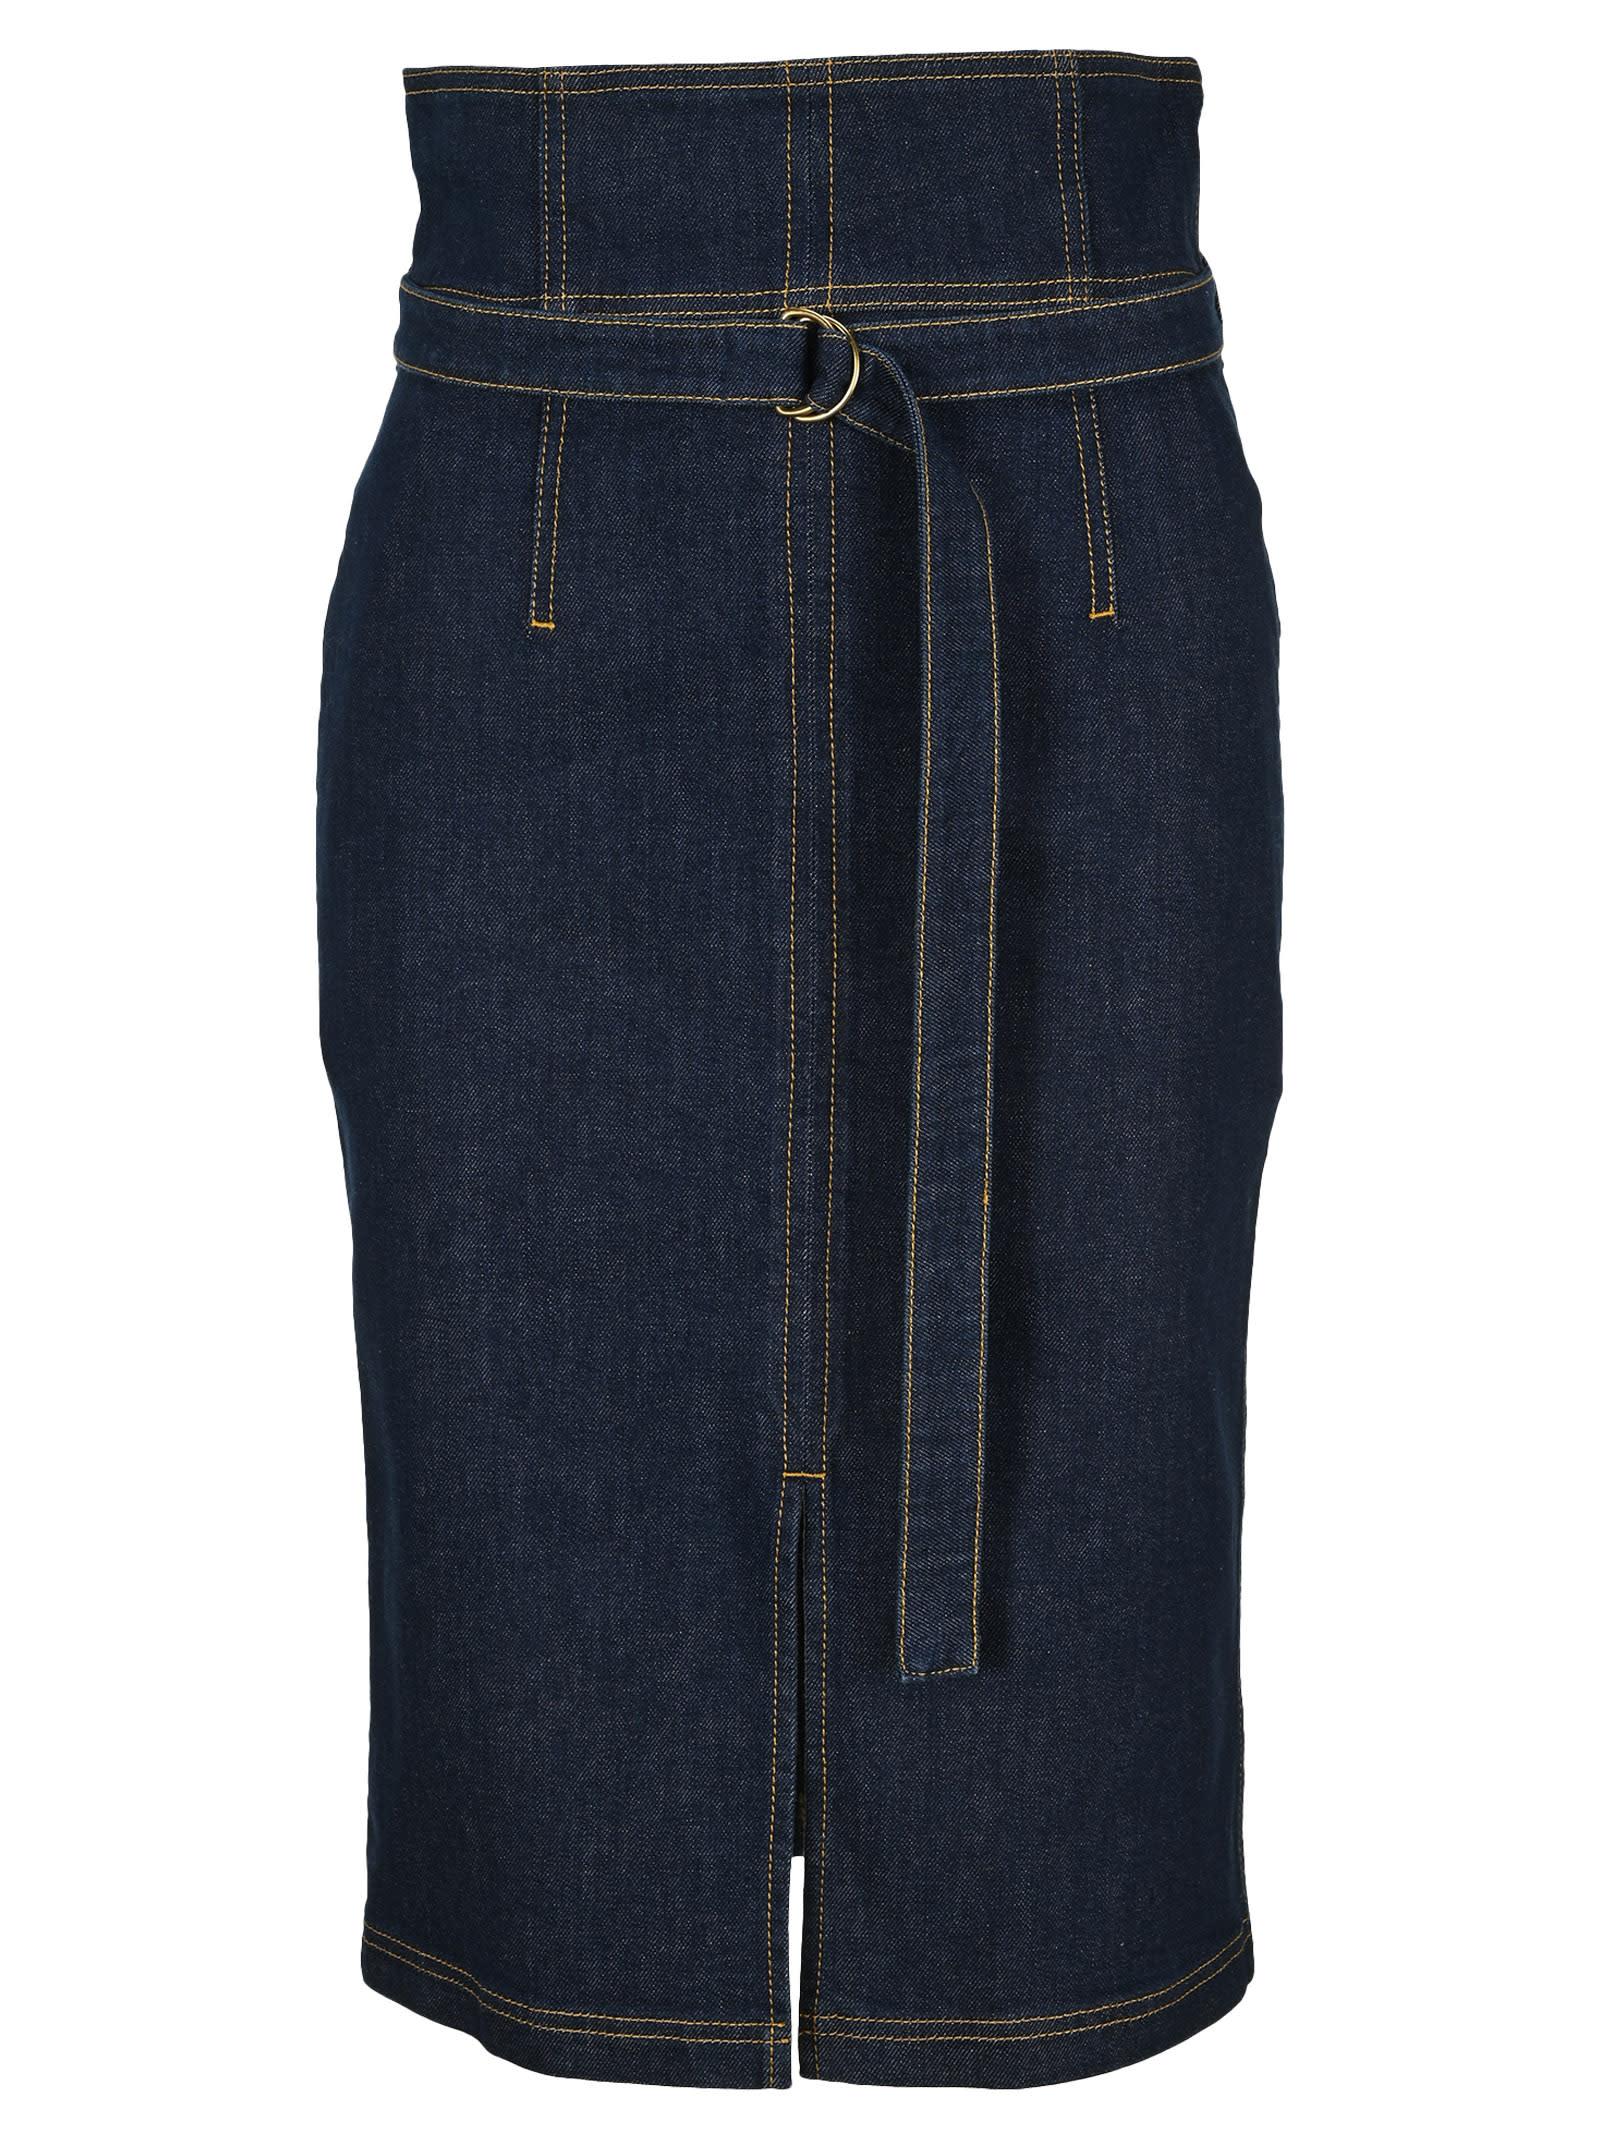 Philosophy Longuette Denim Skirt